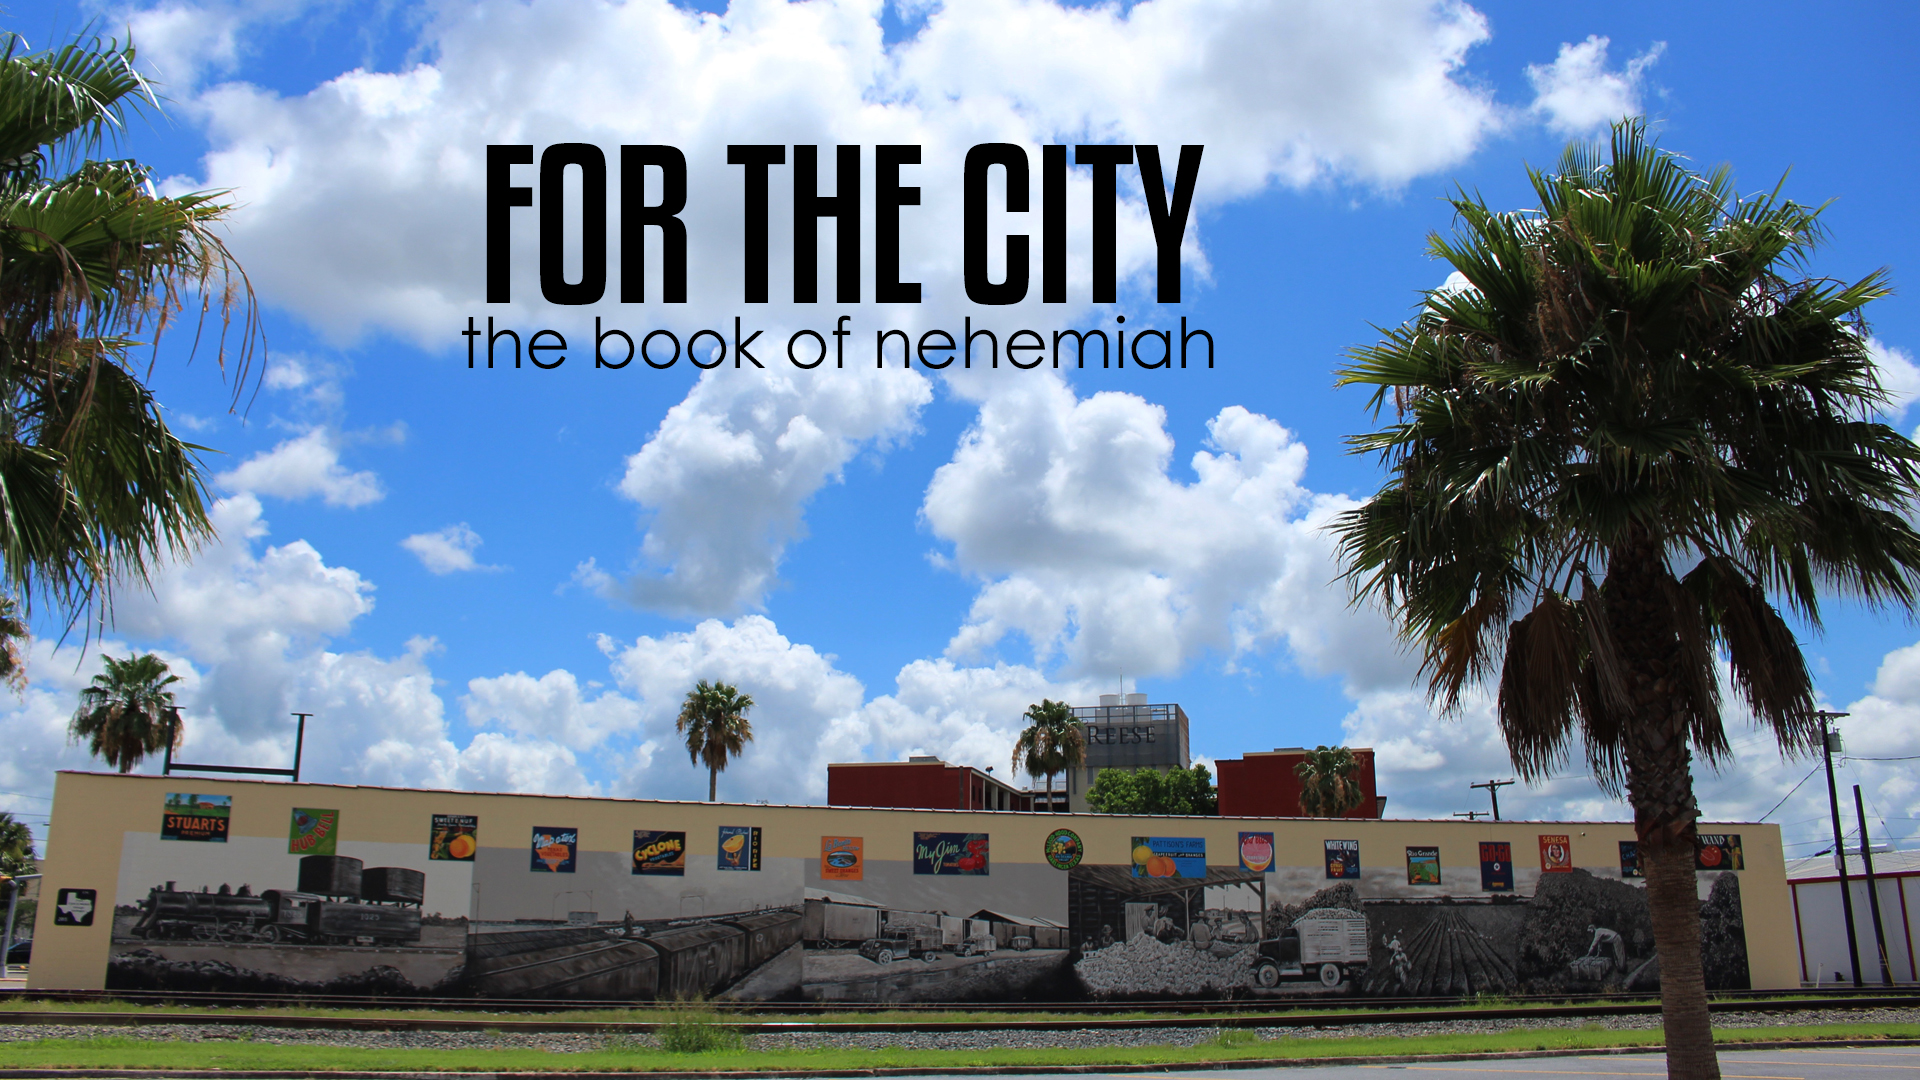 Nehemiah - For the City